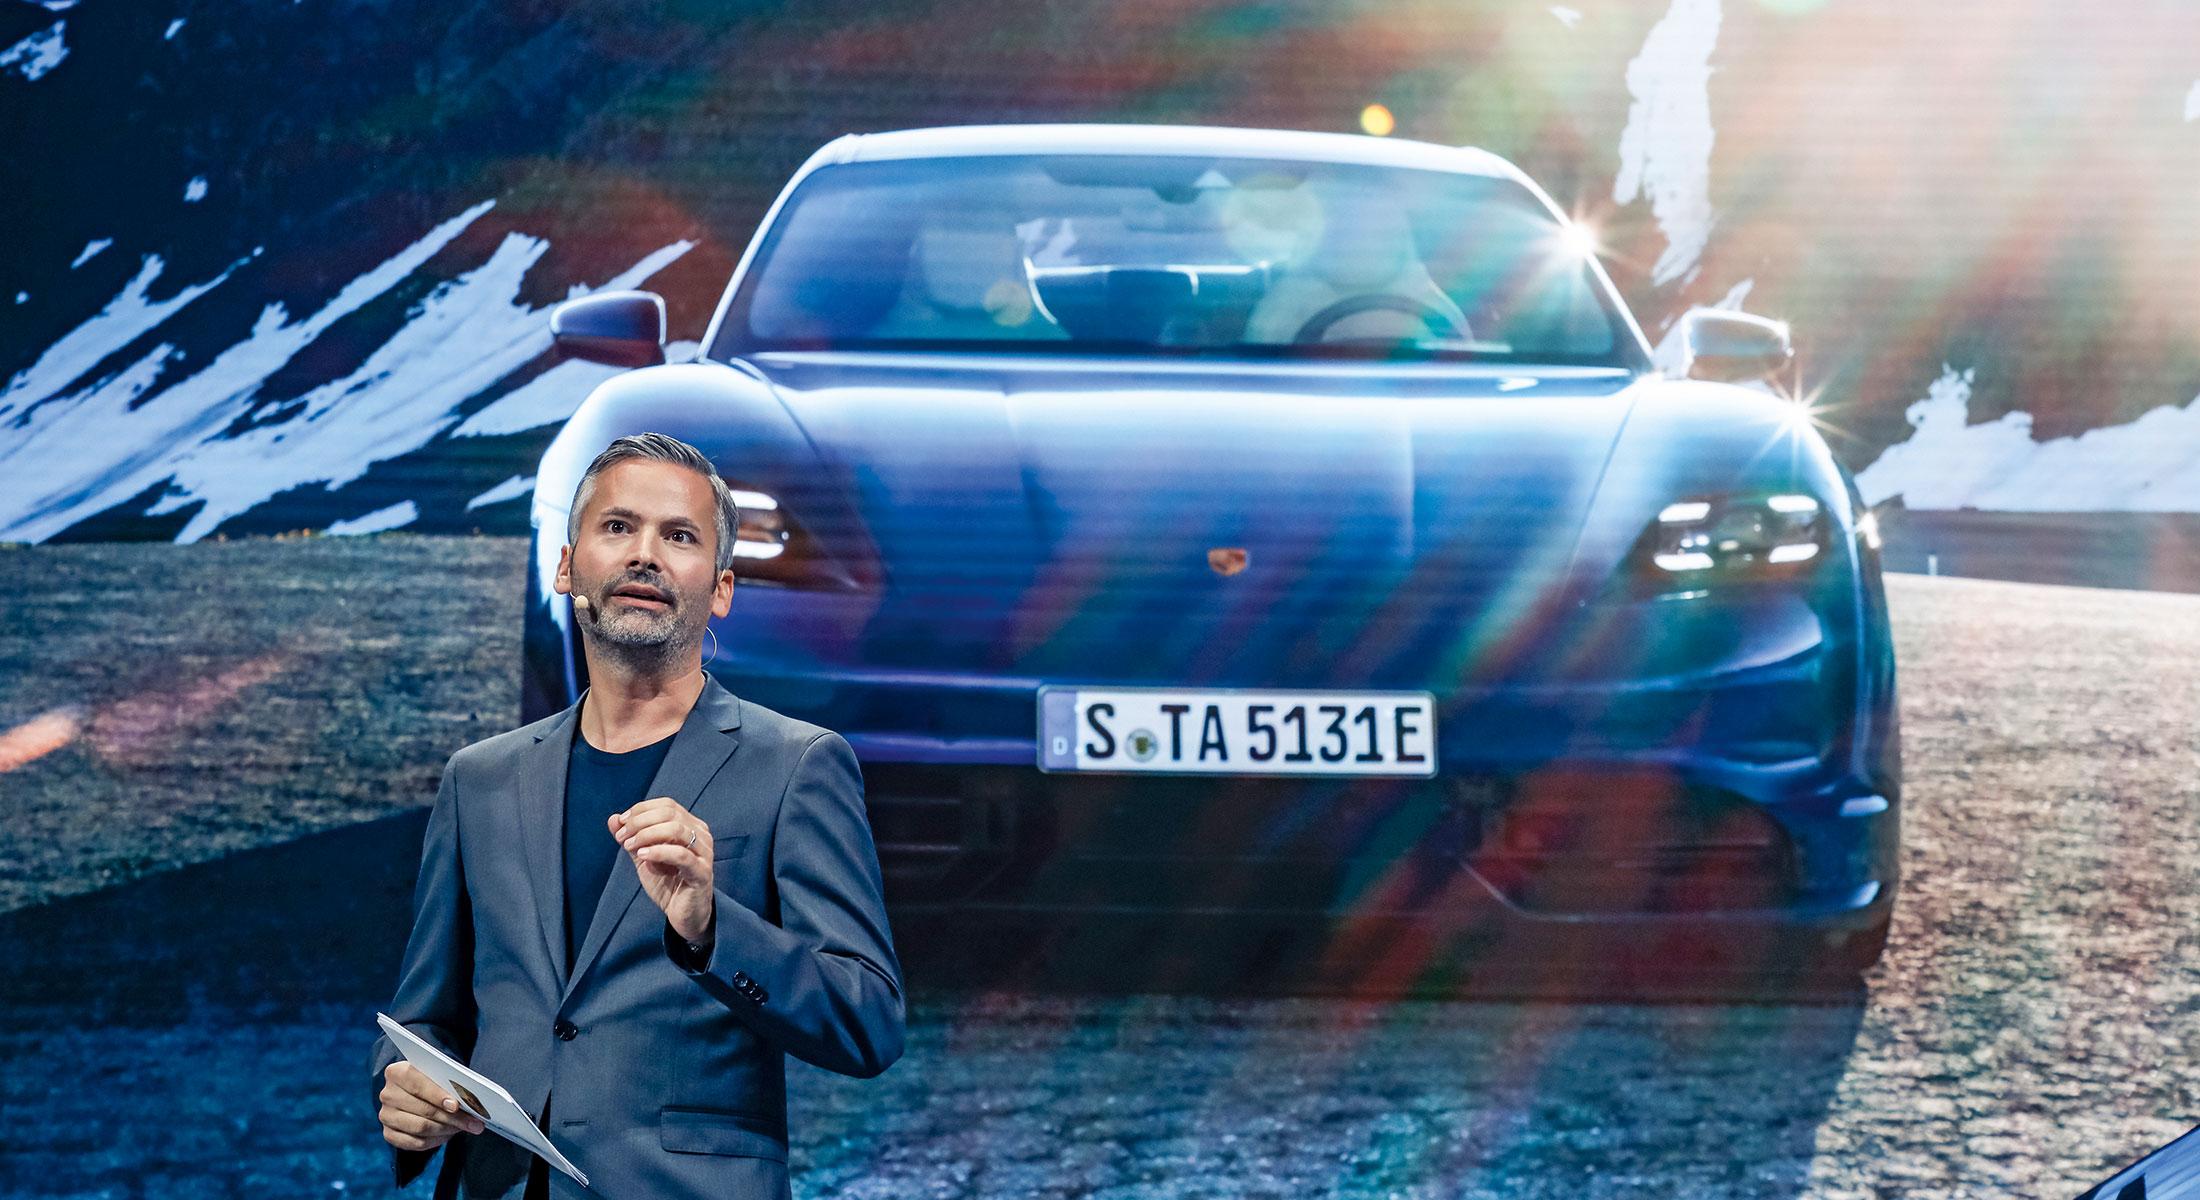 MCSH Veranstaltung Soul electrified Porsche